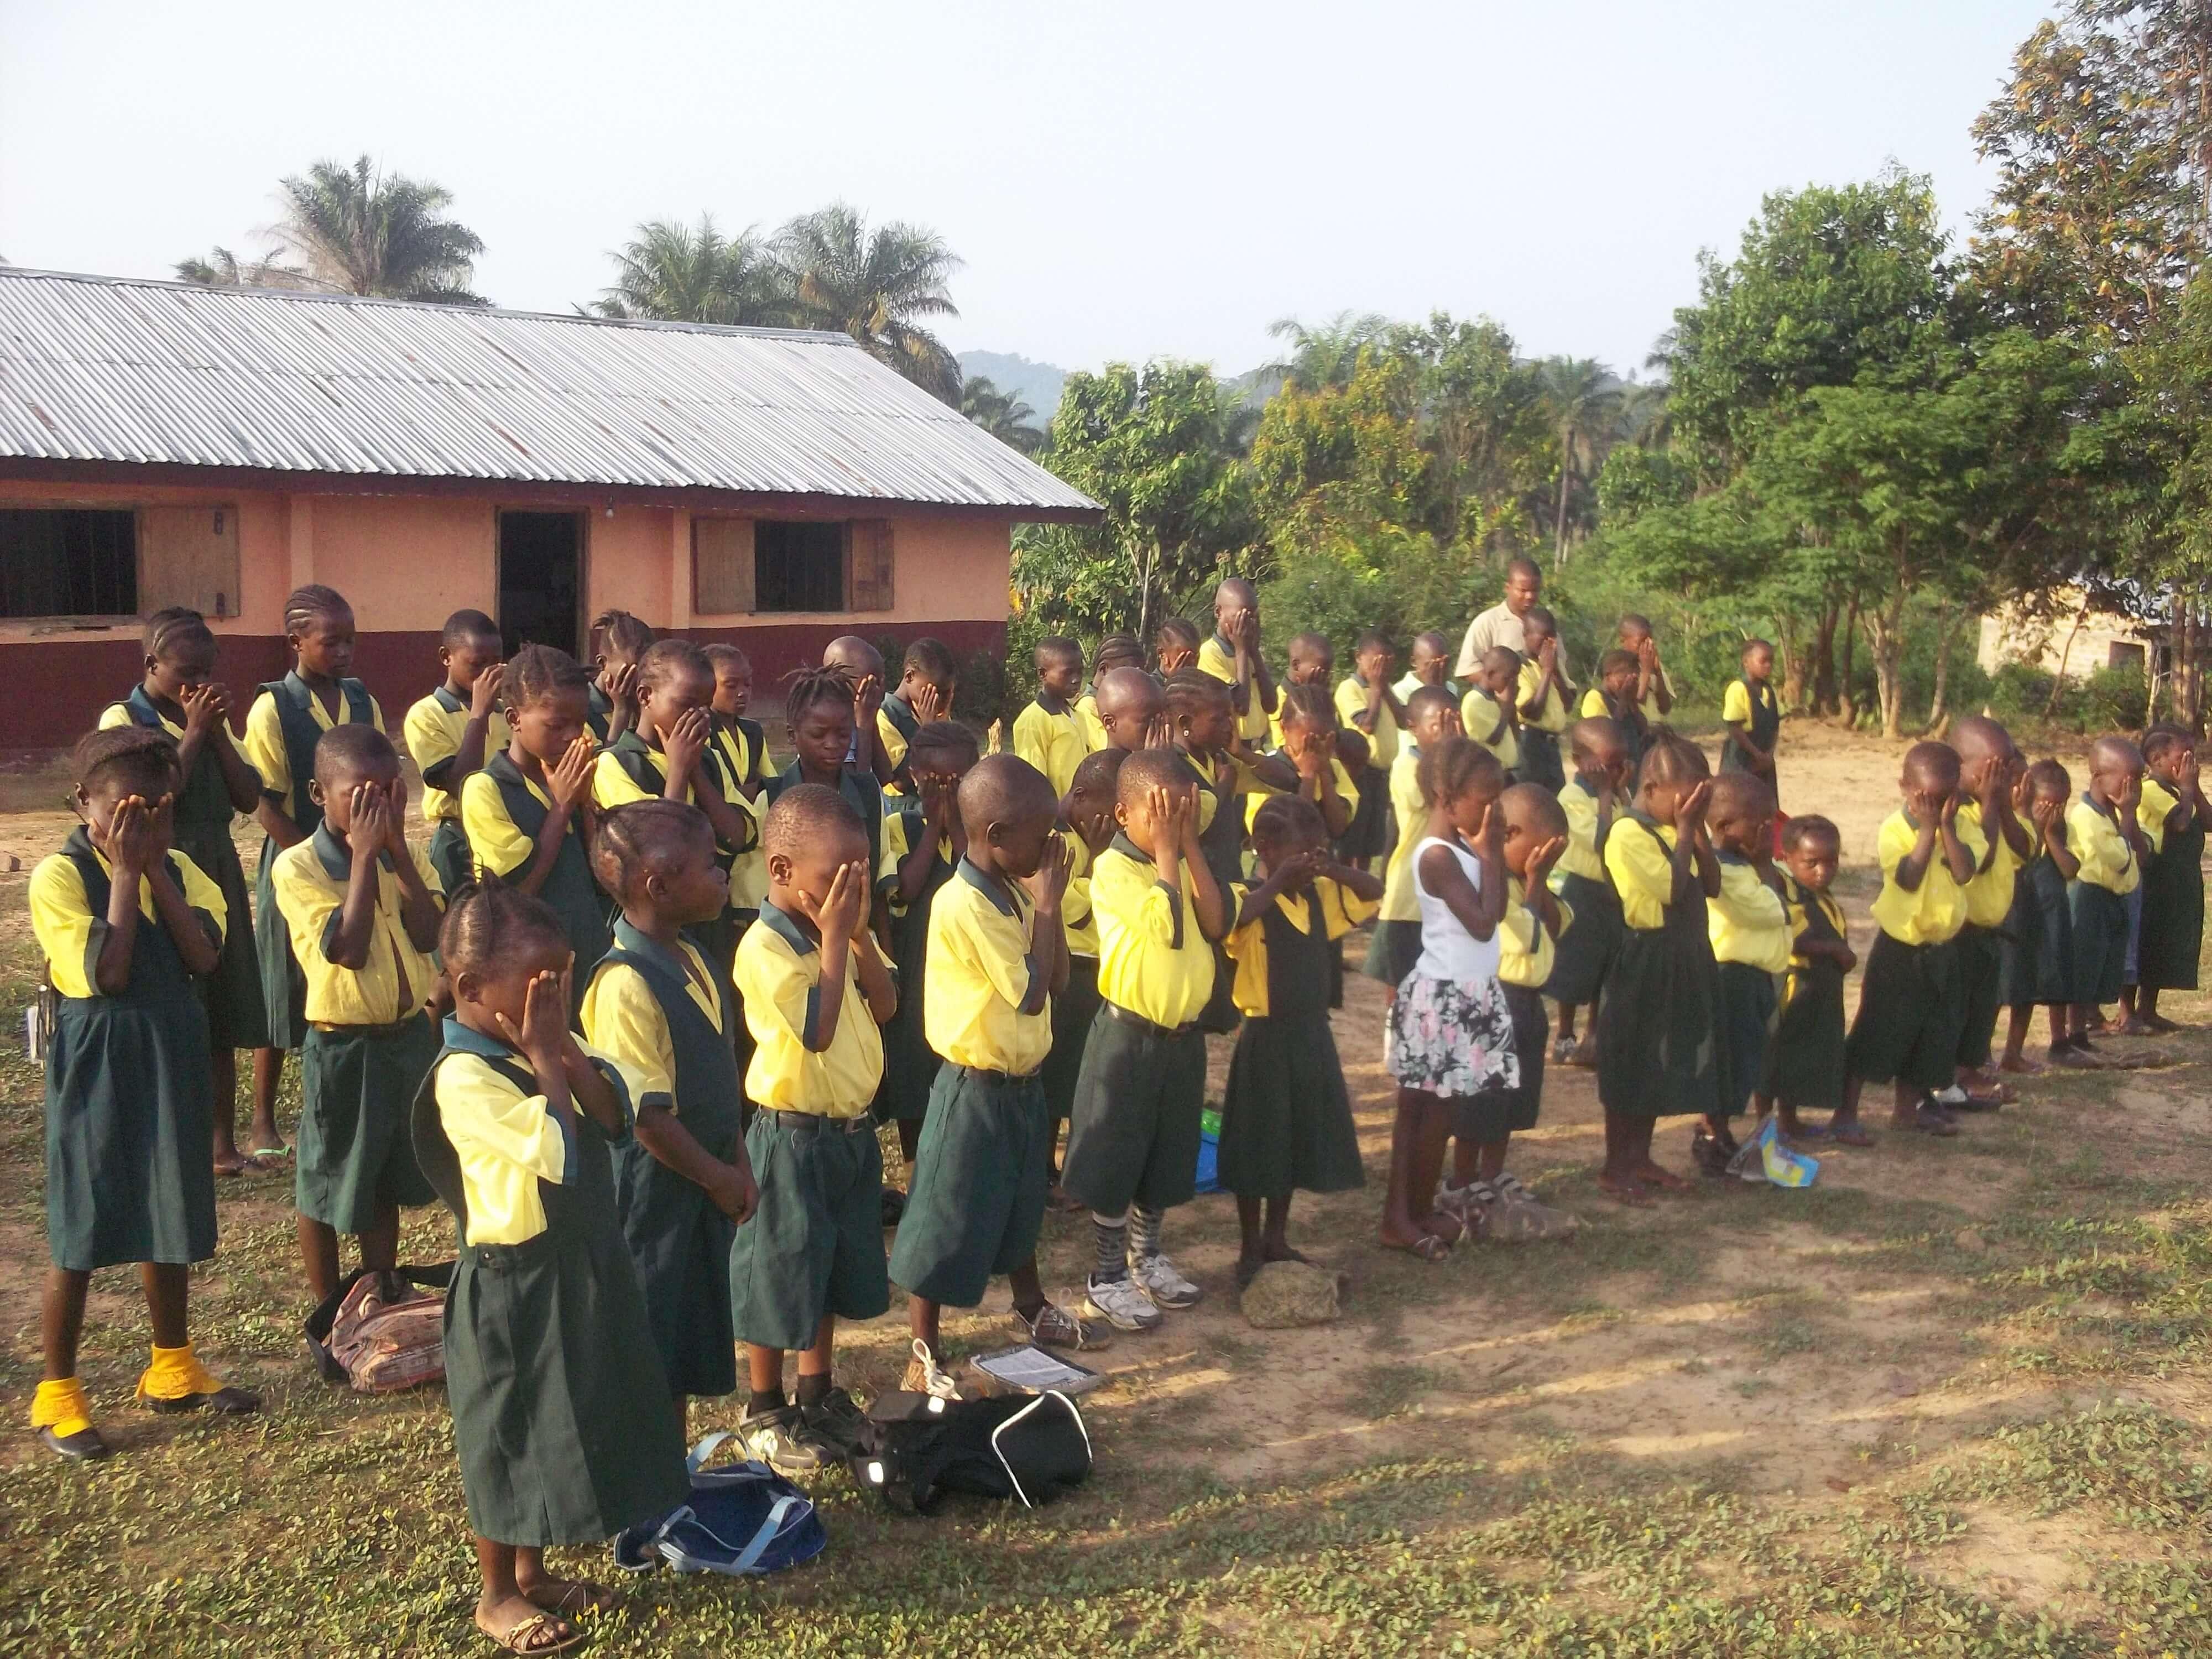 Cette Eglise tient aussi une école, beaucoup d'enfants musulmans la fréquentent. Tous les matins : p